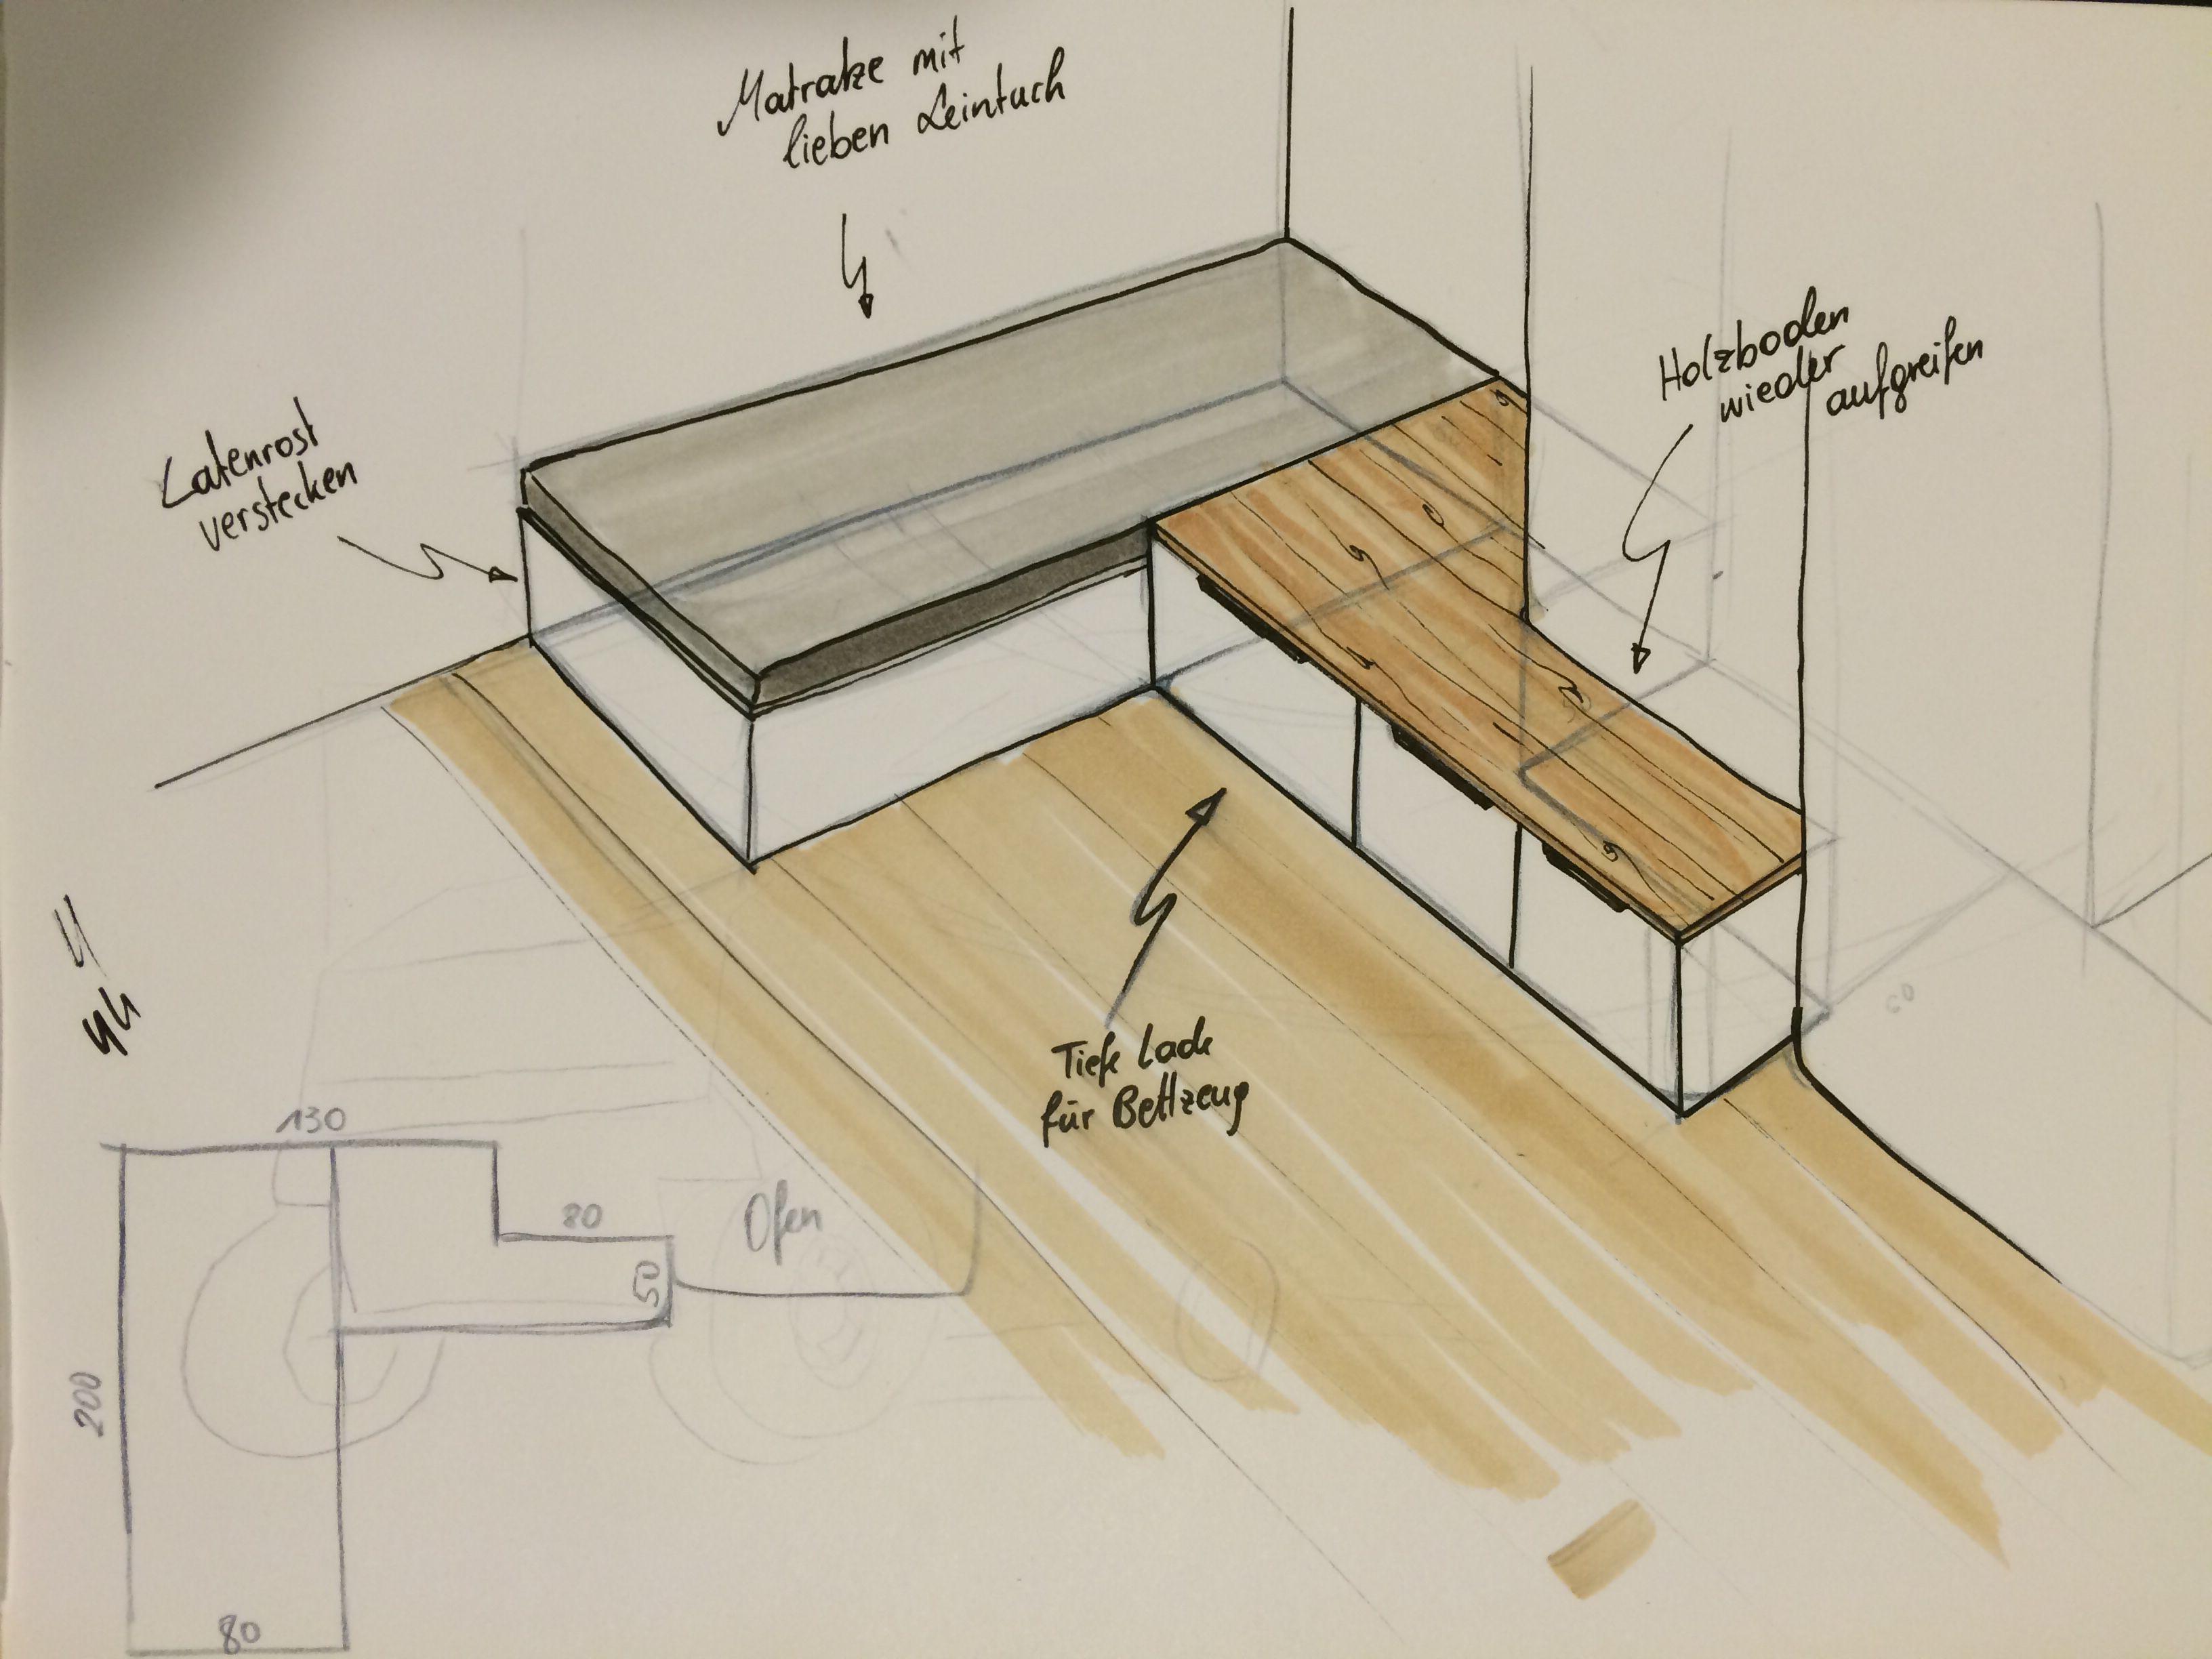 bank und bett f r kachelofen unter bank eine tiefe und zwei kleinere laden f r bettzeug z b der. Black Bedroom Furniture Sets. Home Design Ideas